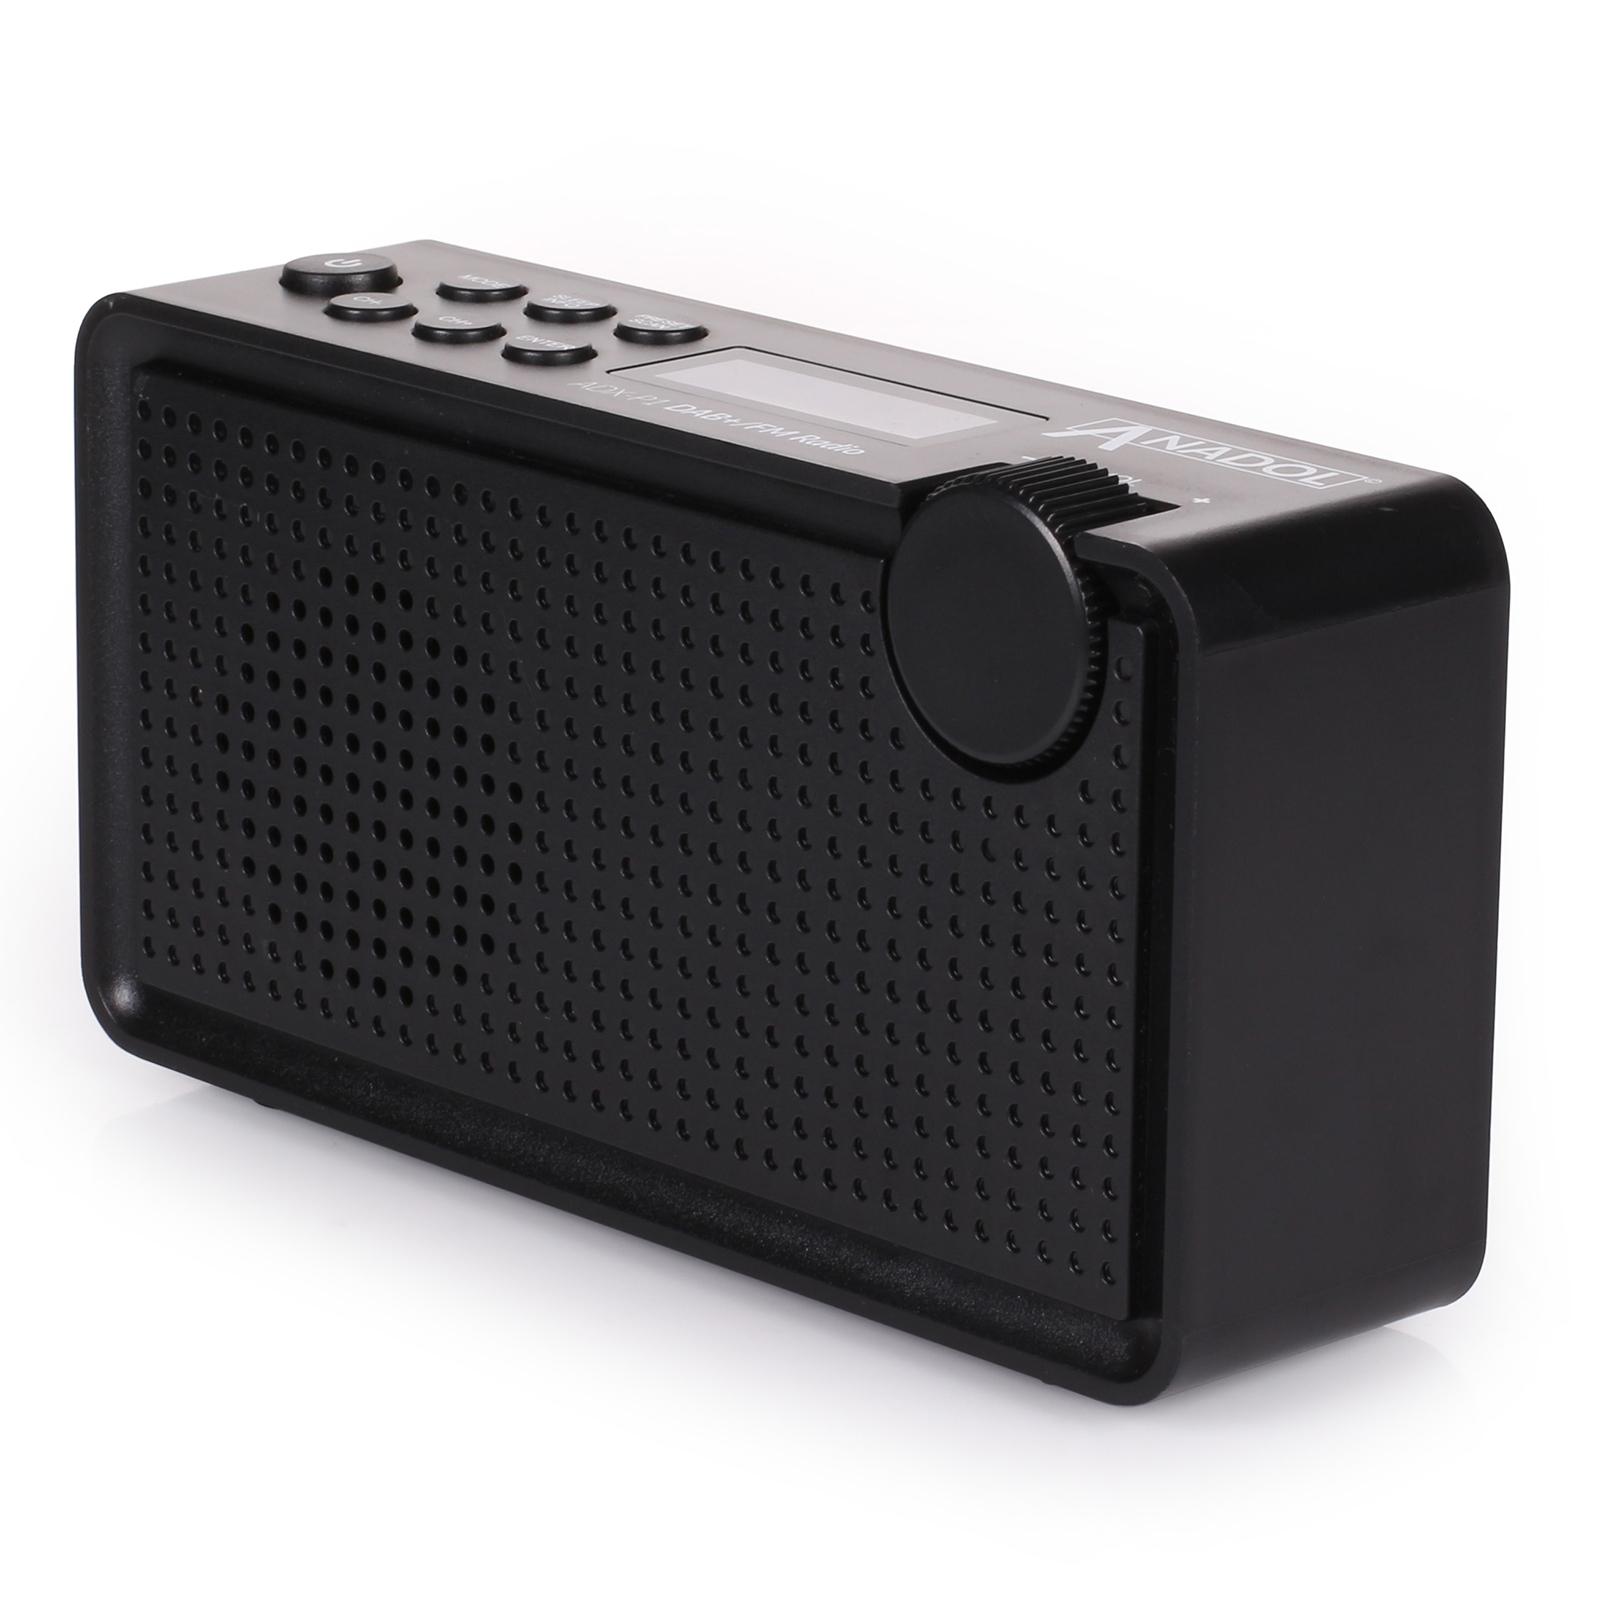 dab dab plus radio anadol digital analog ukw fm geeignet tragbar akku schwarz ebay. Black Bedroom Furniture Sets. Home Design Ideas